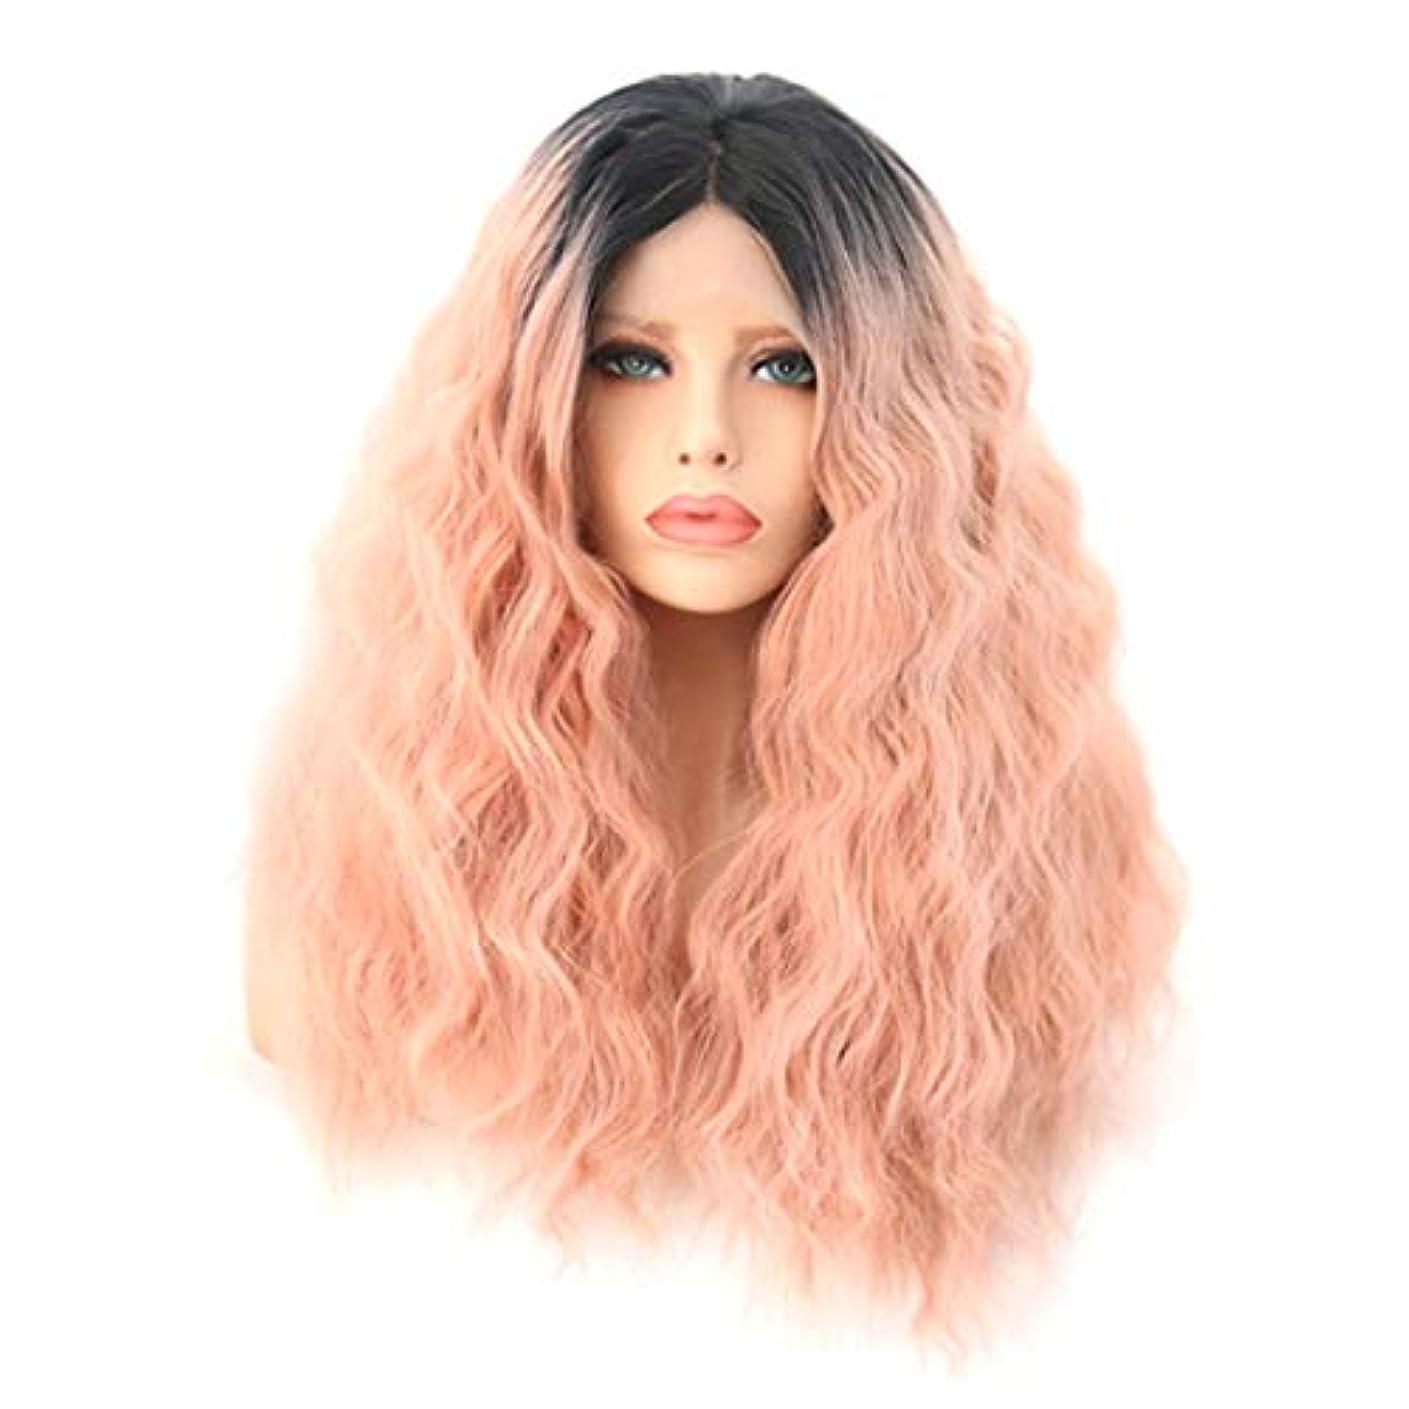 検索エンジンマーケティングに慣れ叫ぶSummerys 女性のための自然な探している前部レースの合成繊維の毛髪のかつらと長い巻き毛のかつらのかつらの代わりのかつら (Size : 18 inches)